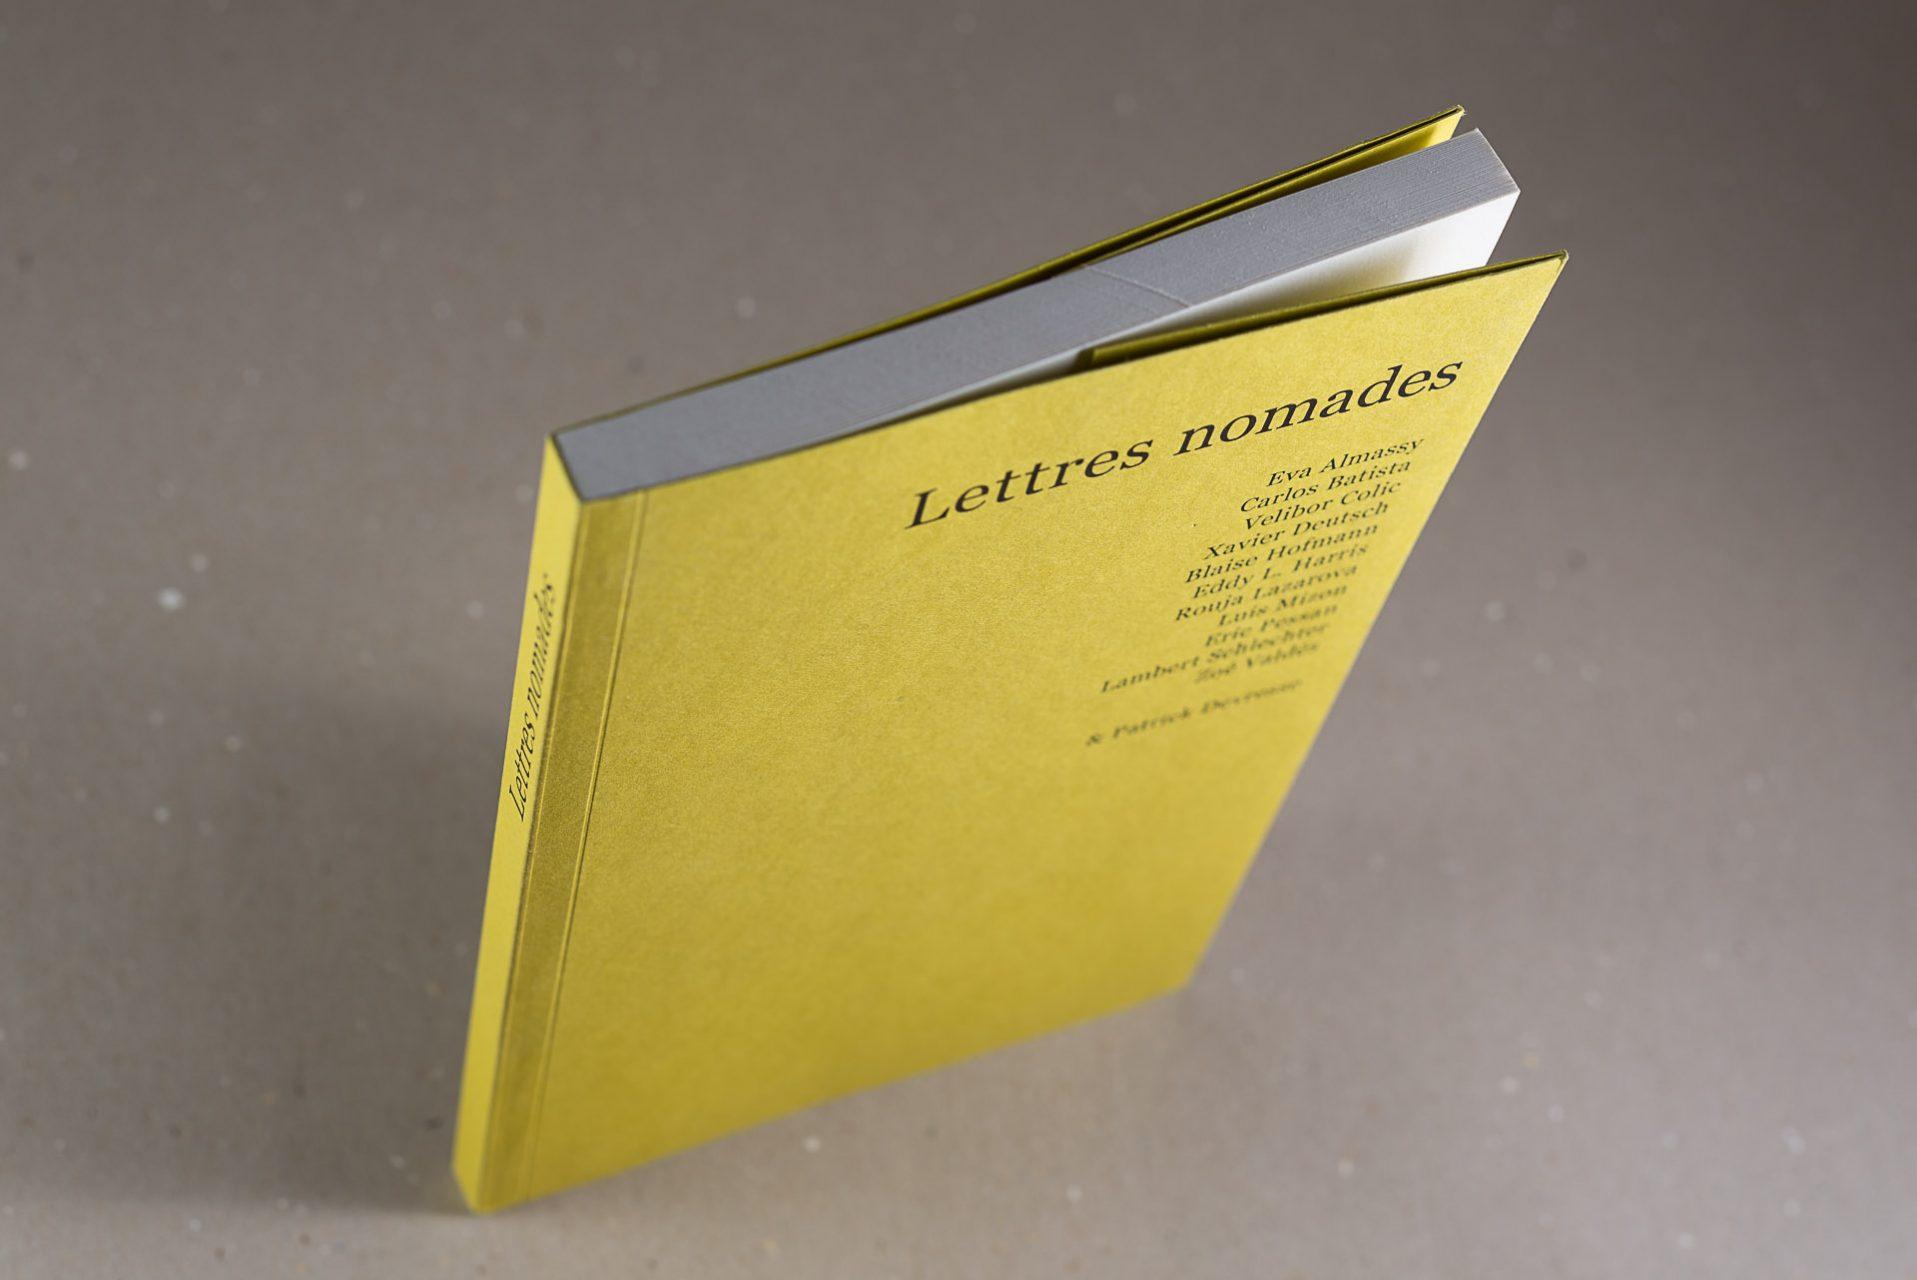 web-hd-nuit-myrtide-lettres-nomades-20170307-07